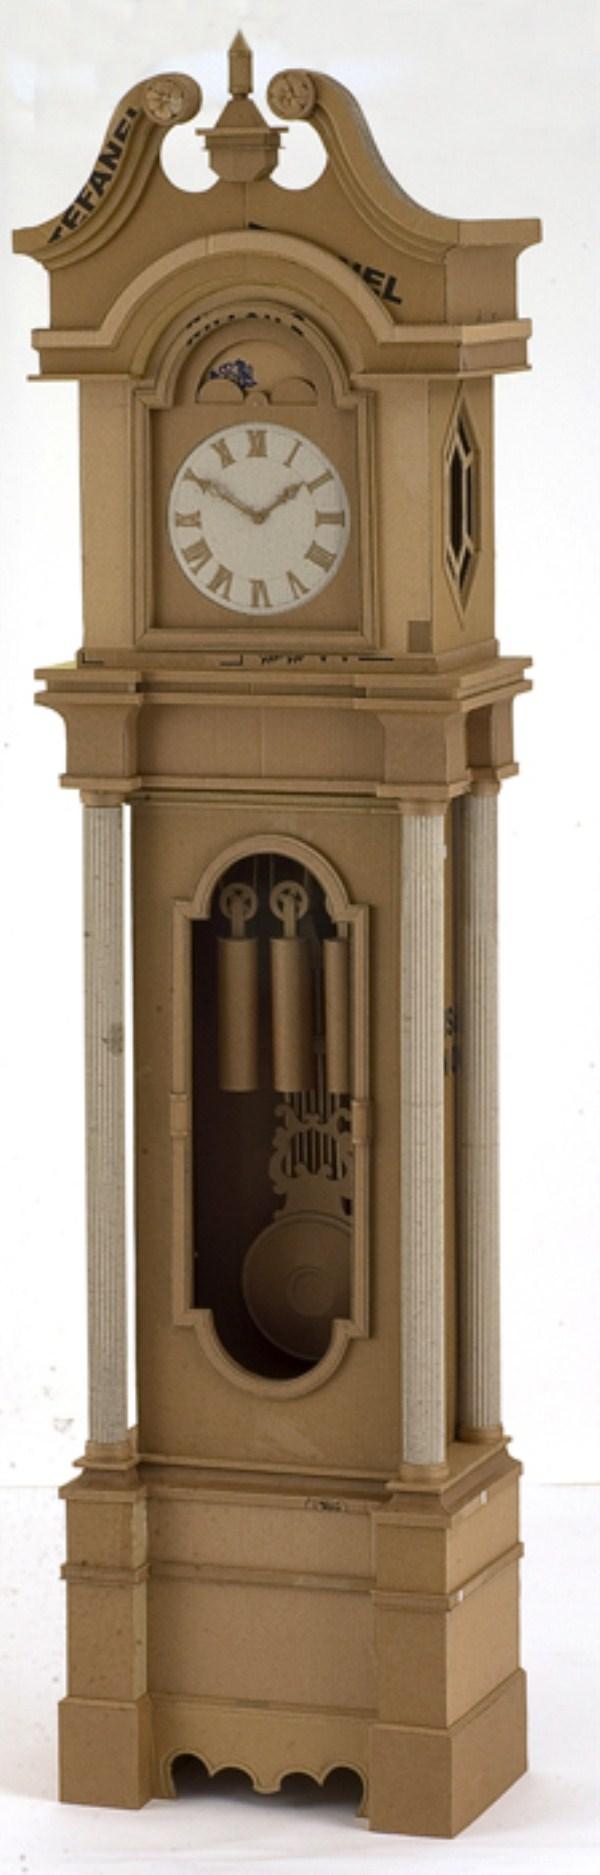 Cardboard Sculptures (10)